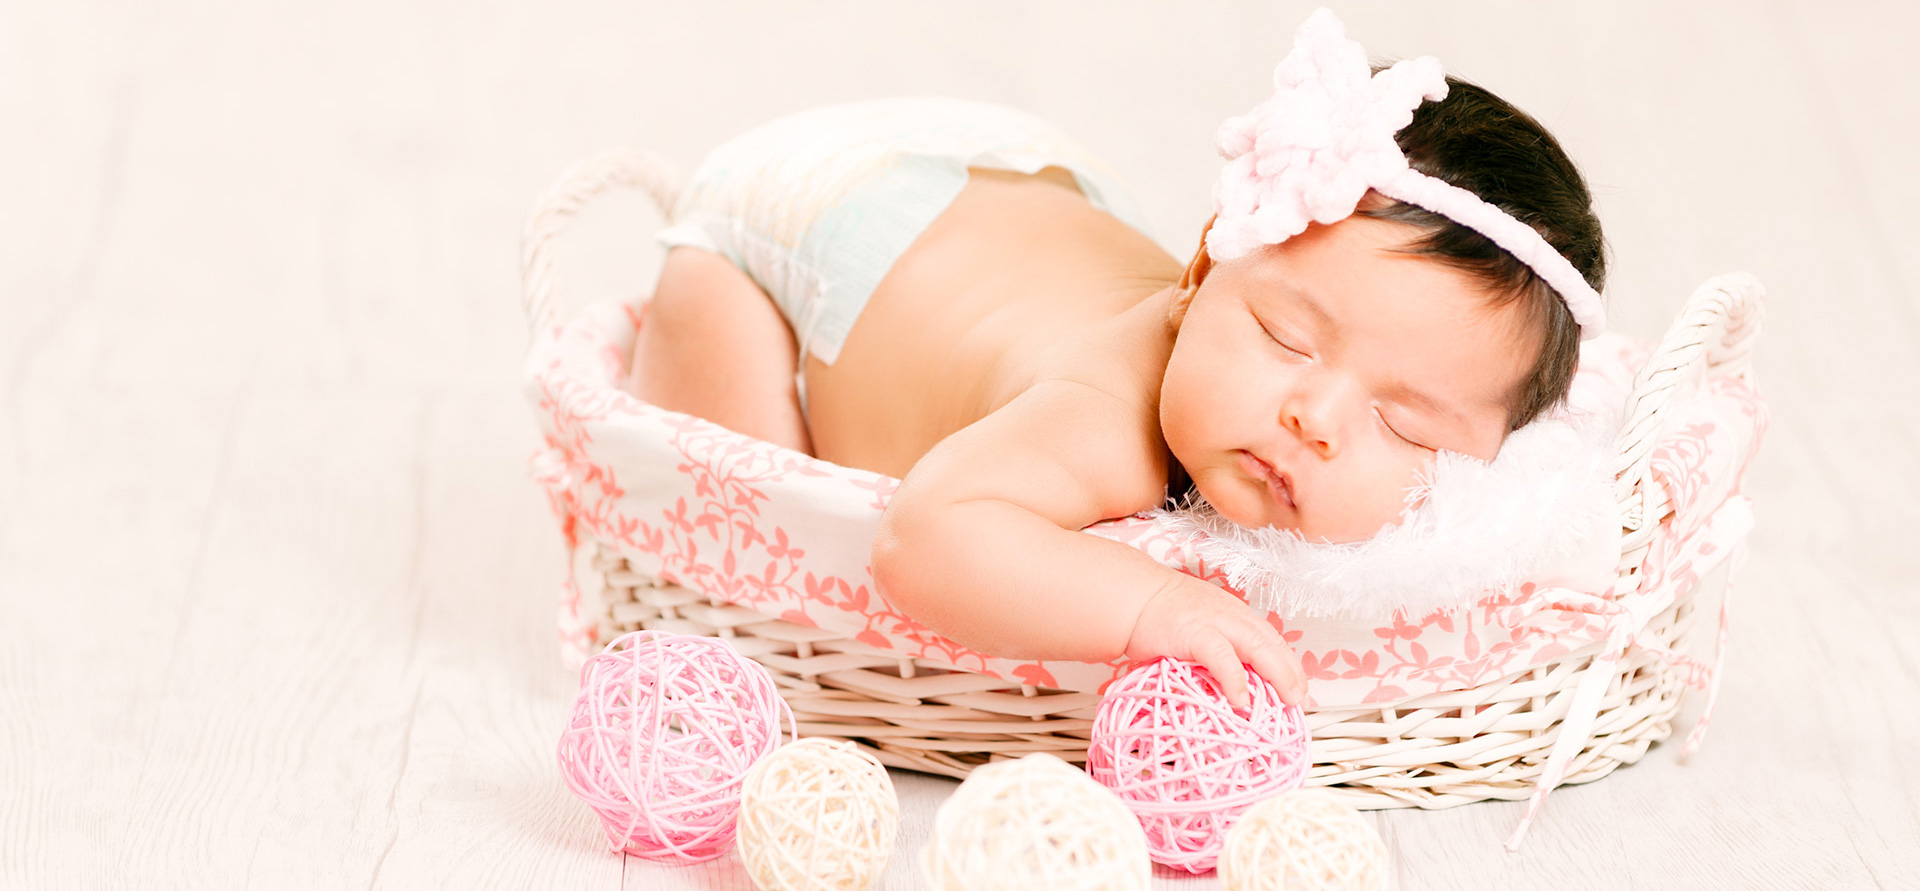 ثبت خاطرات نوزادان